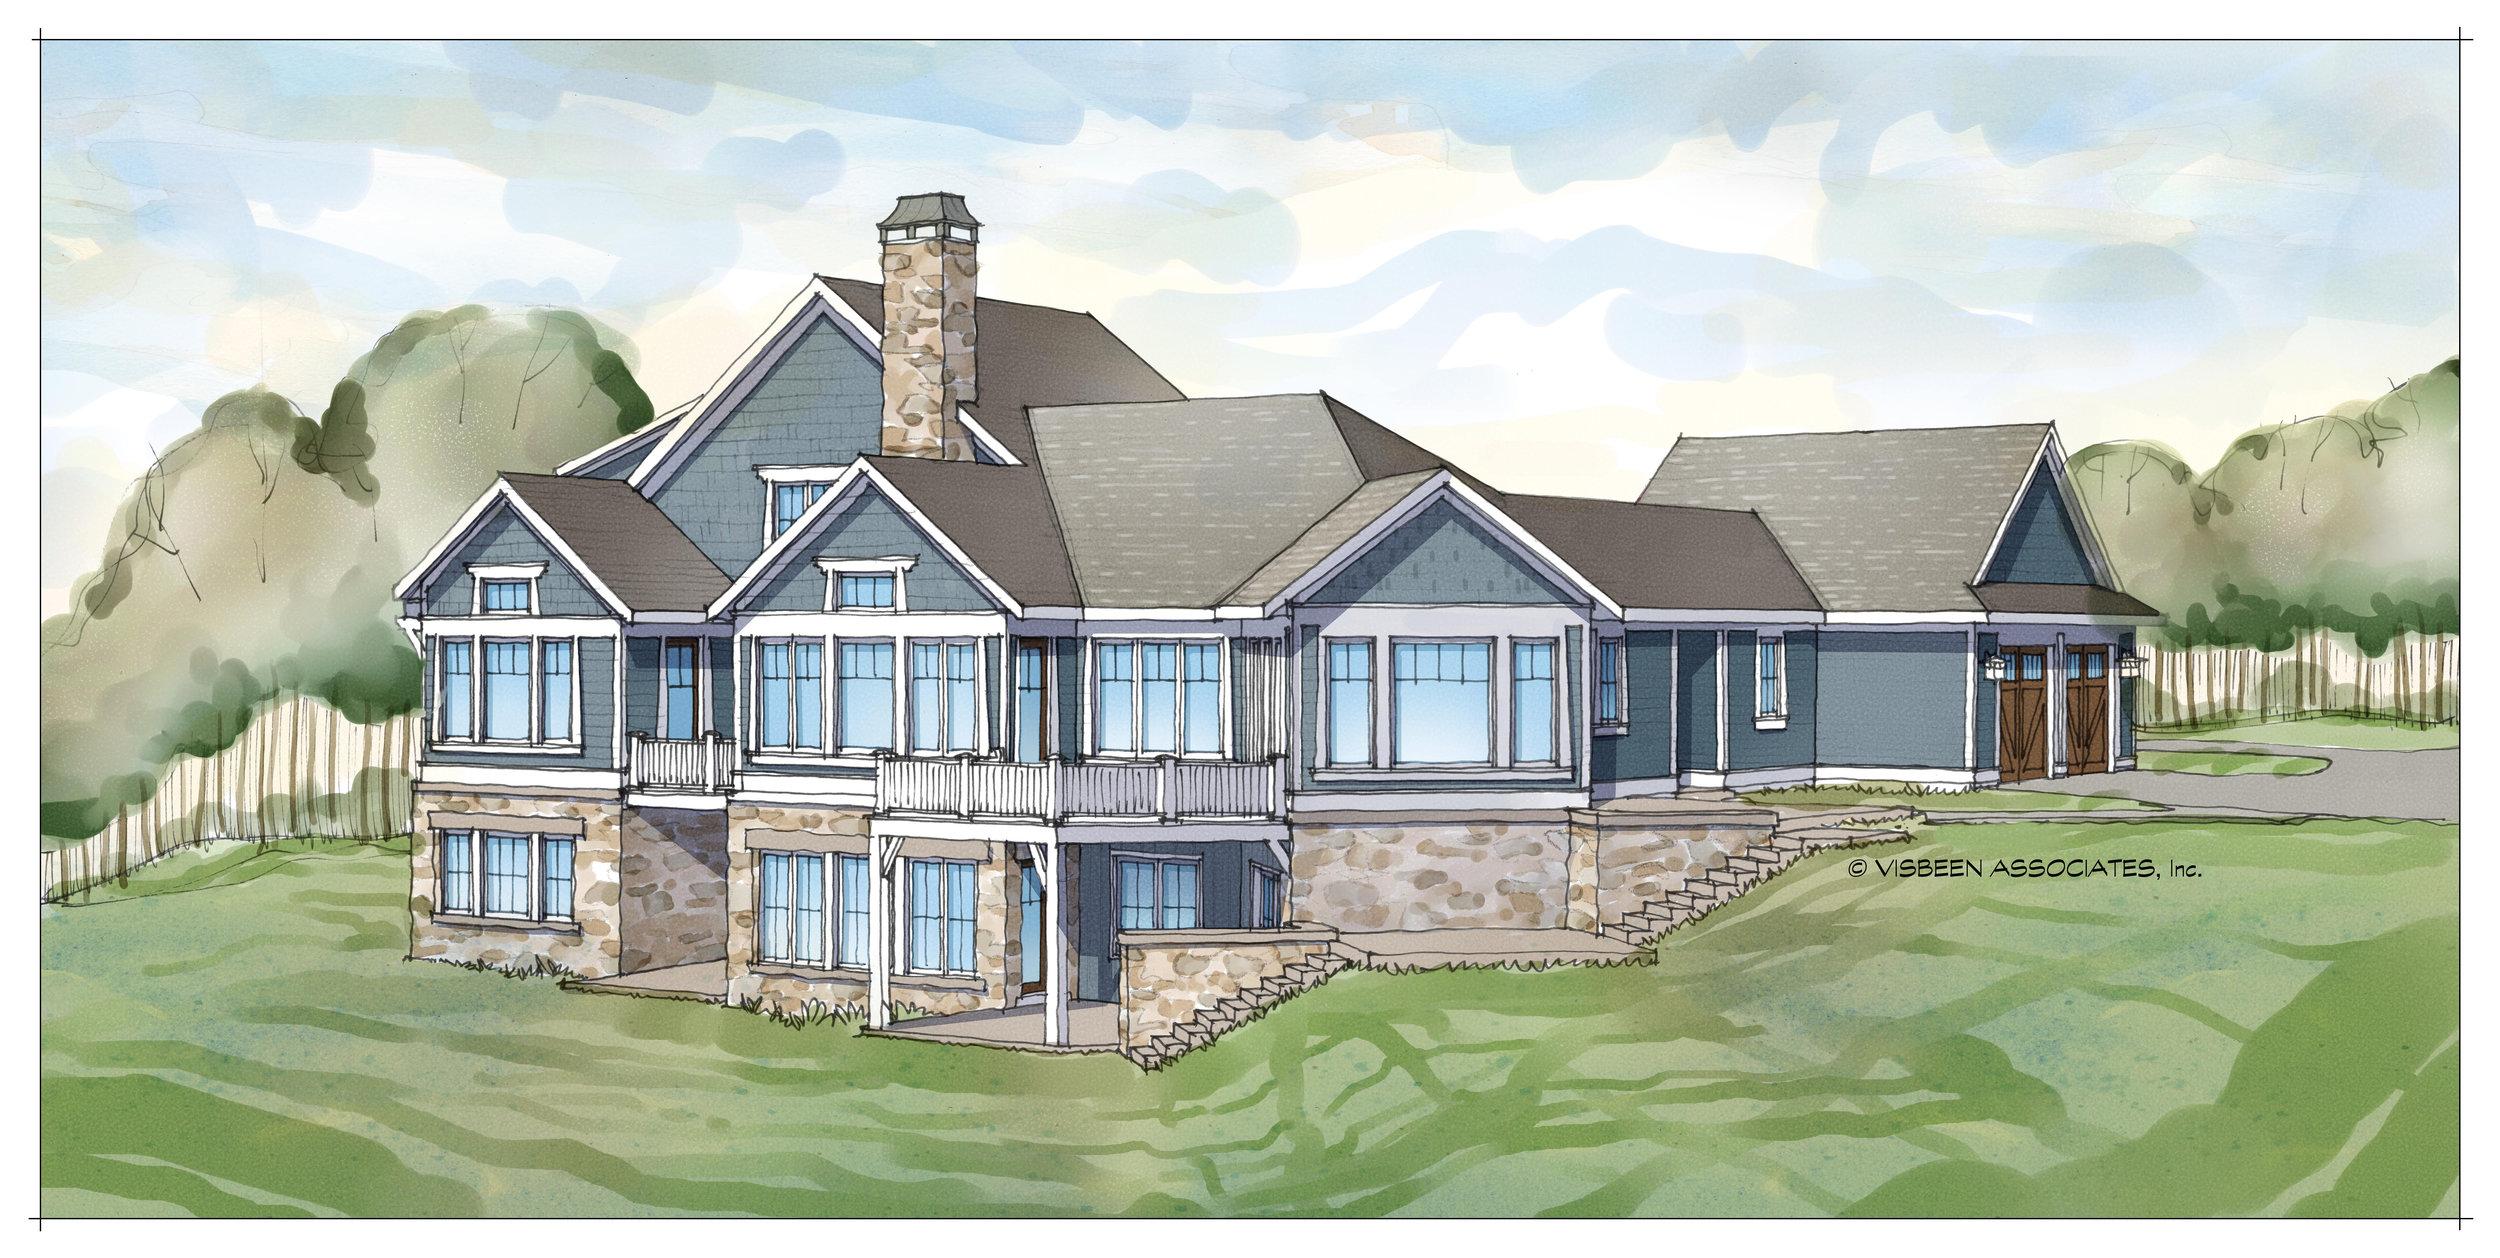 Hillcrest-rear-rendering.jpg